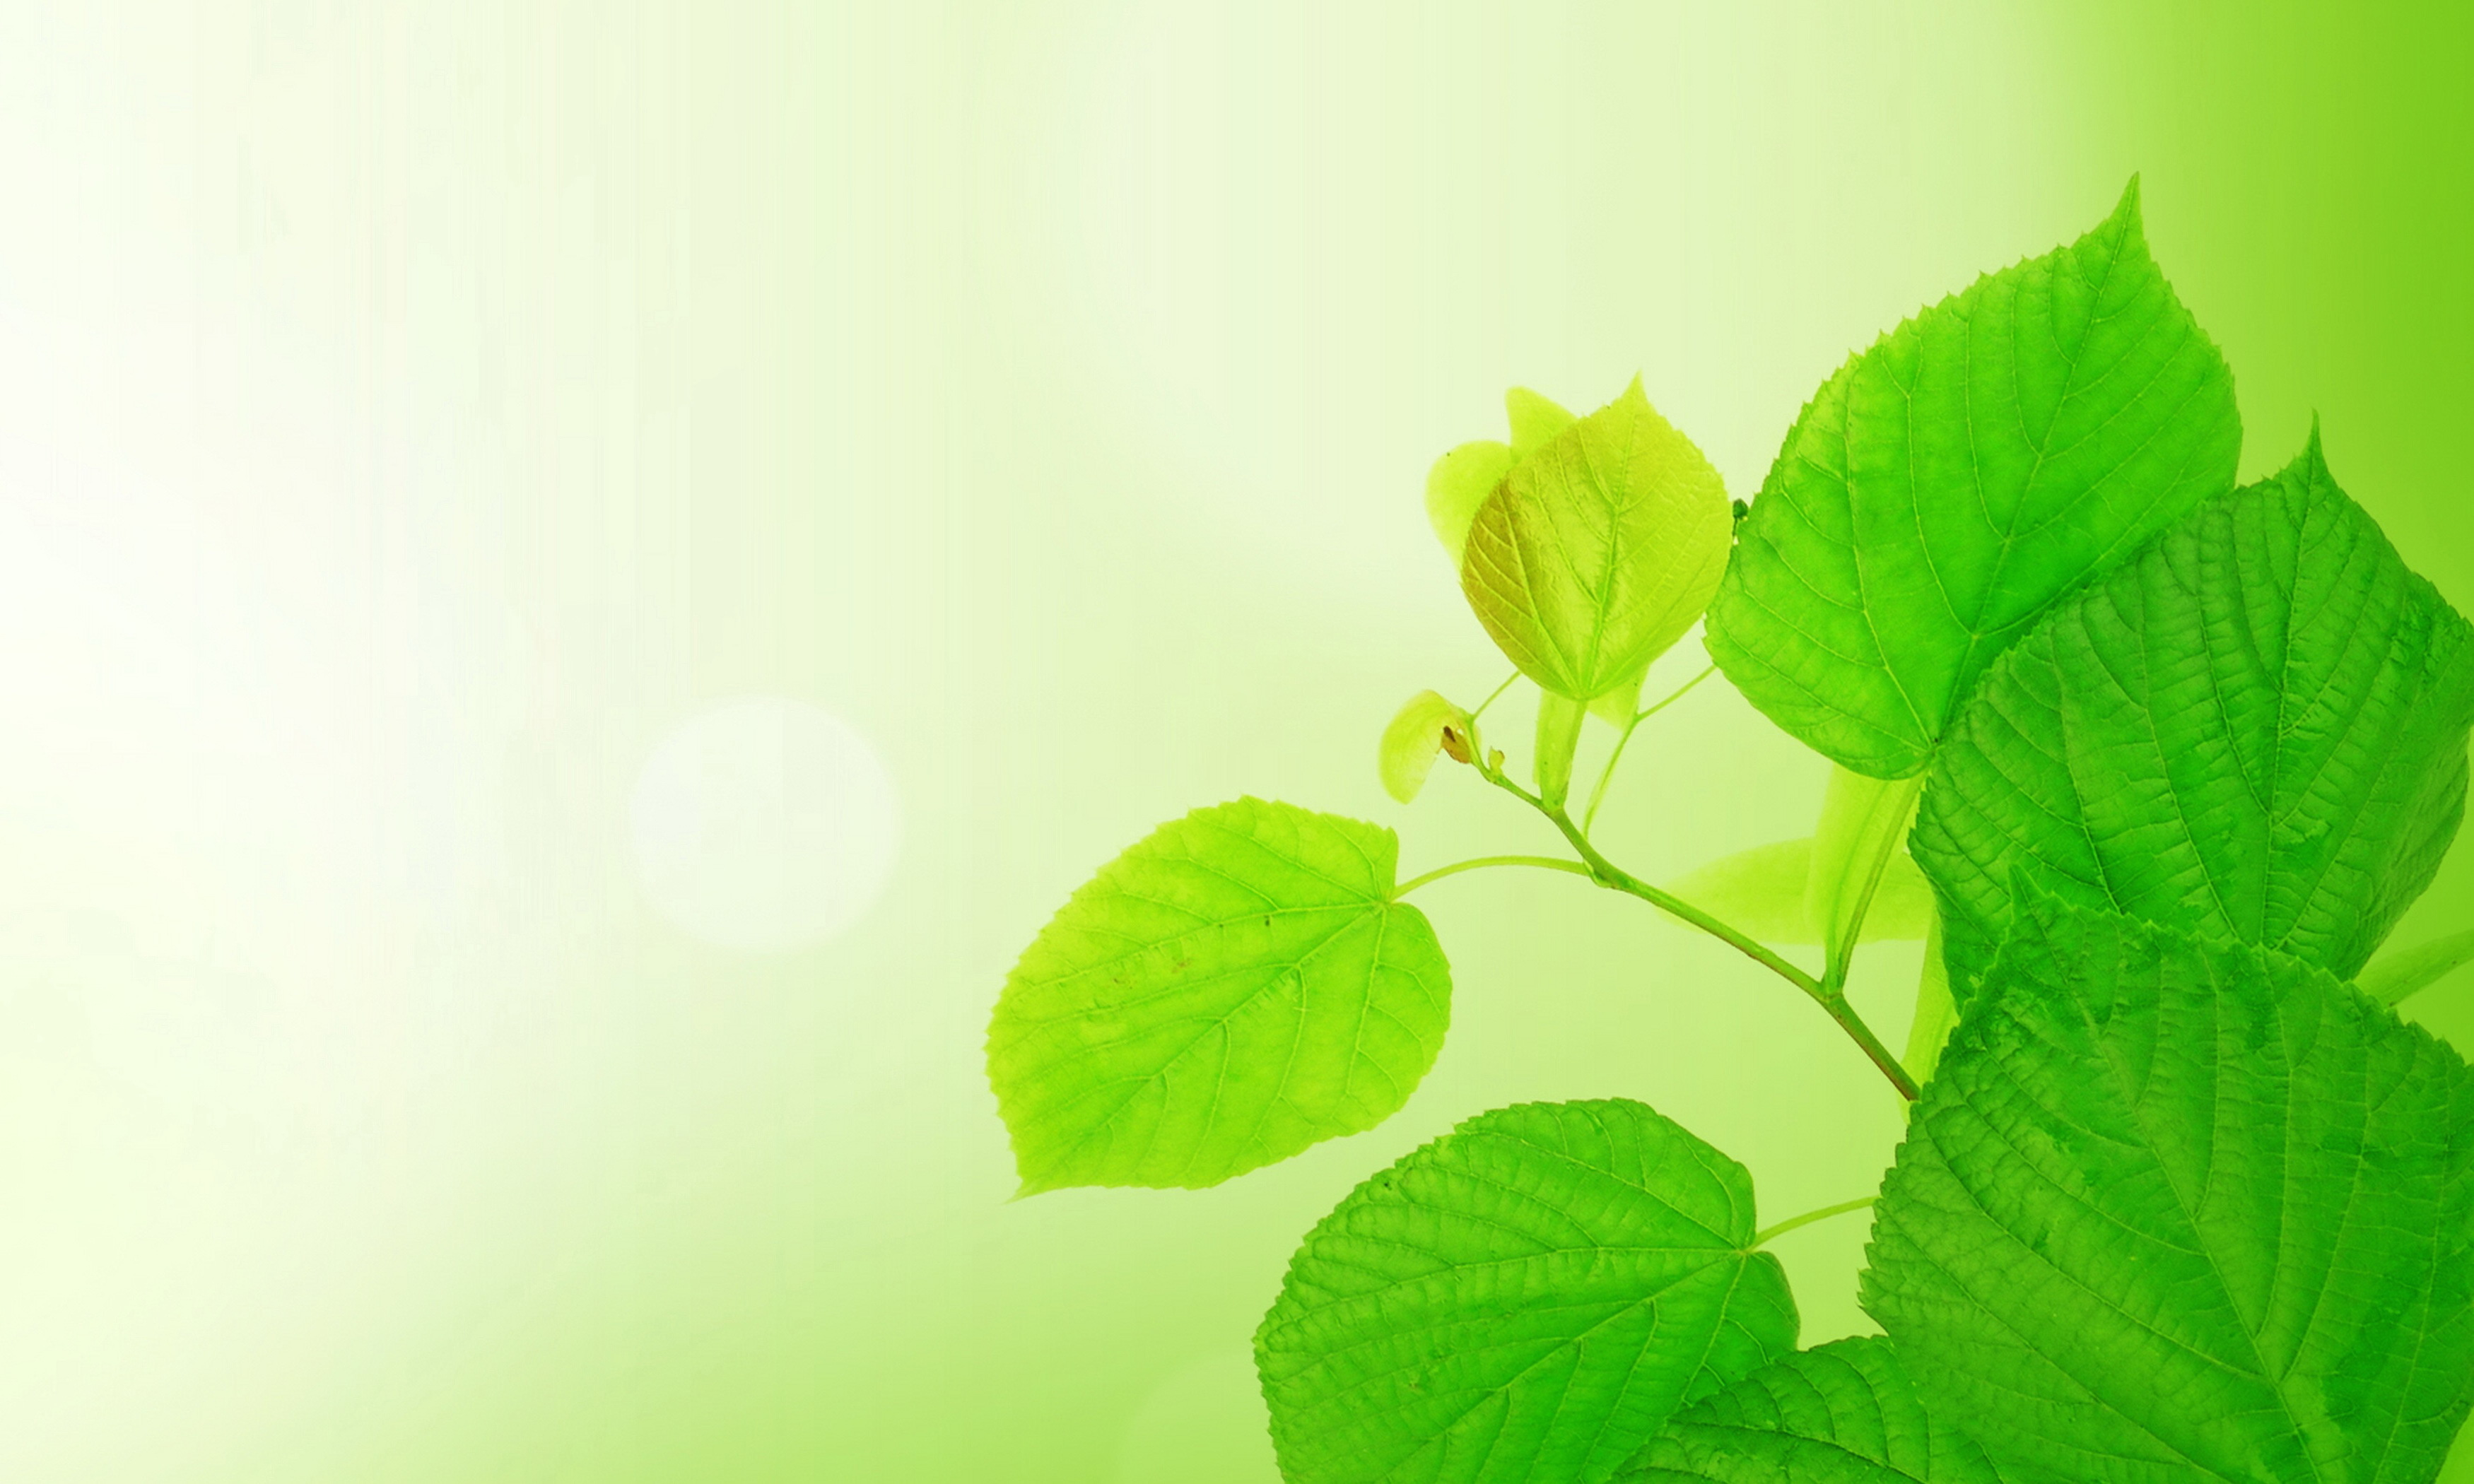 листья ветка фон  № 3219040 без смс